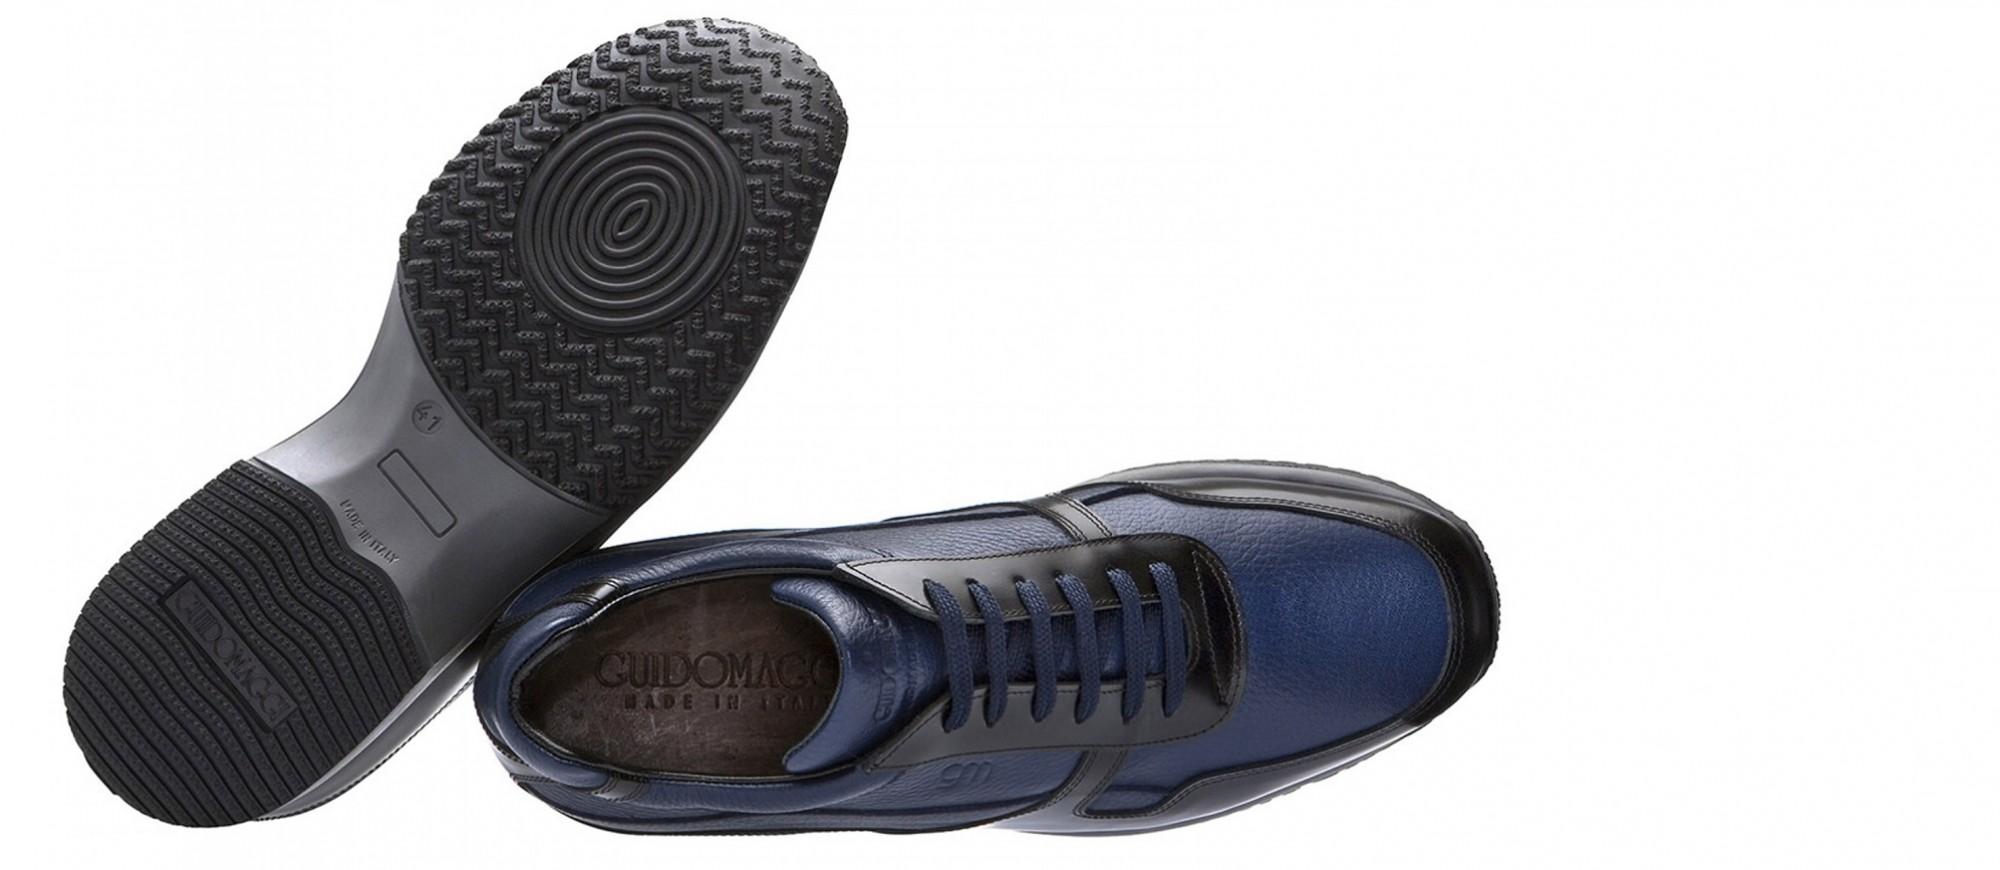 scarpe da tennis con rialzo